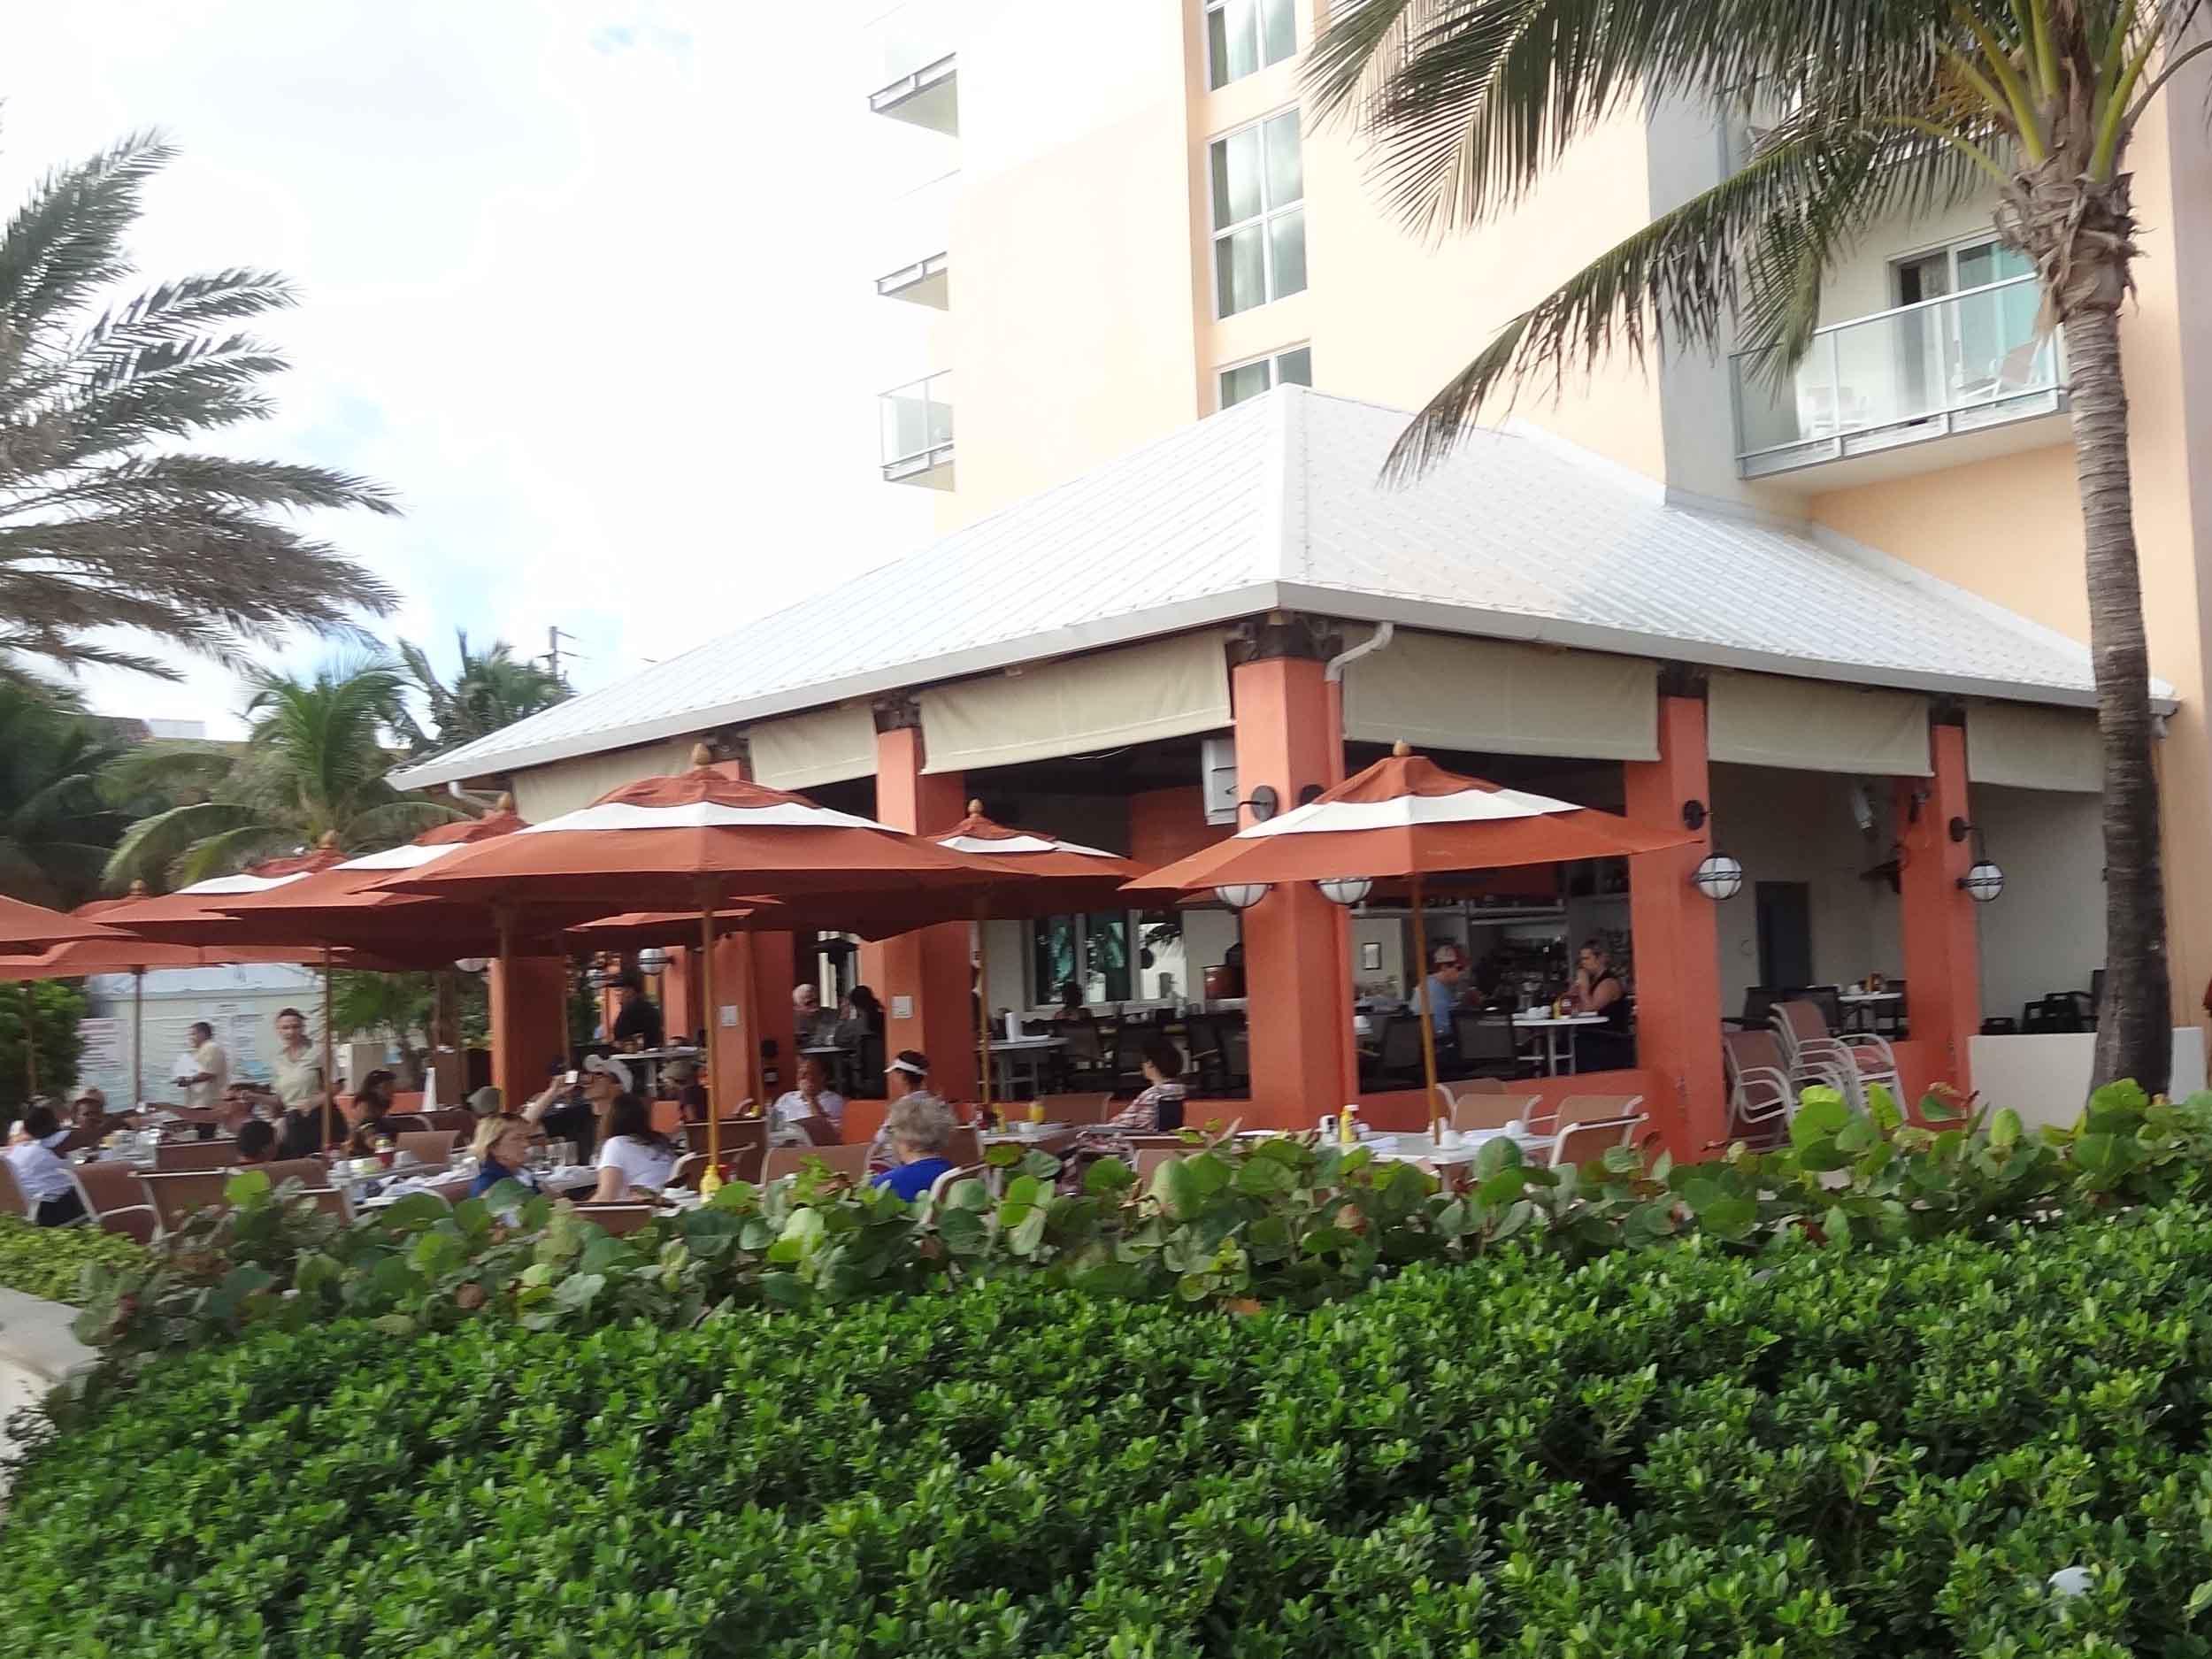 Latitudes Tiki Bar Exterior